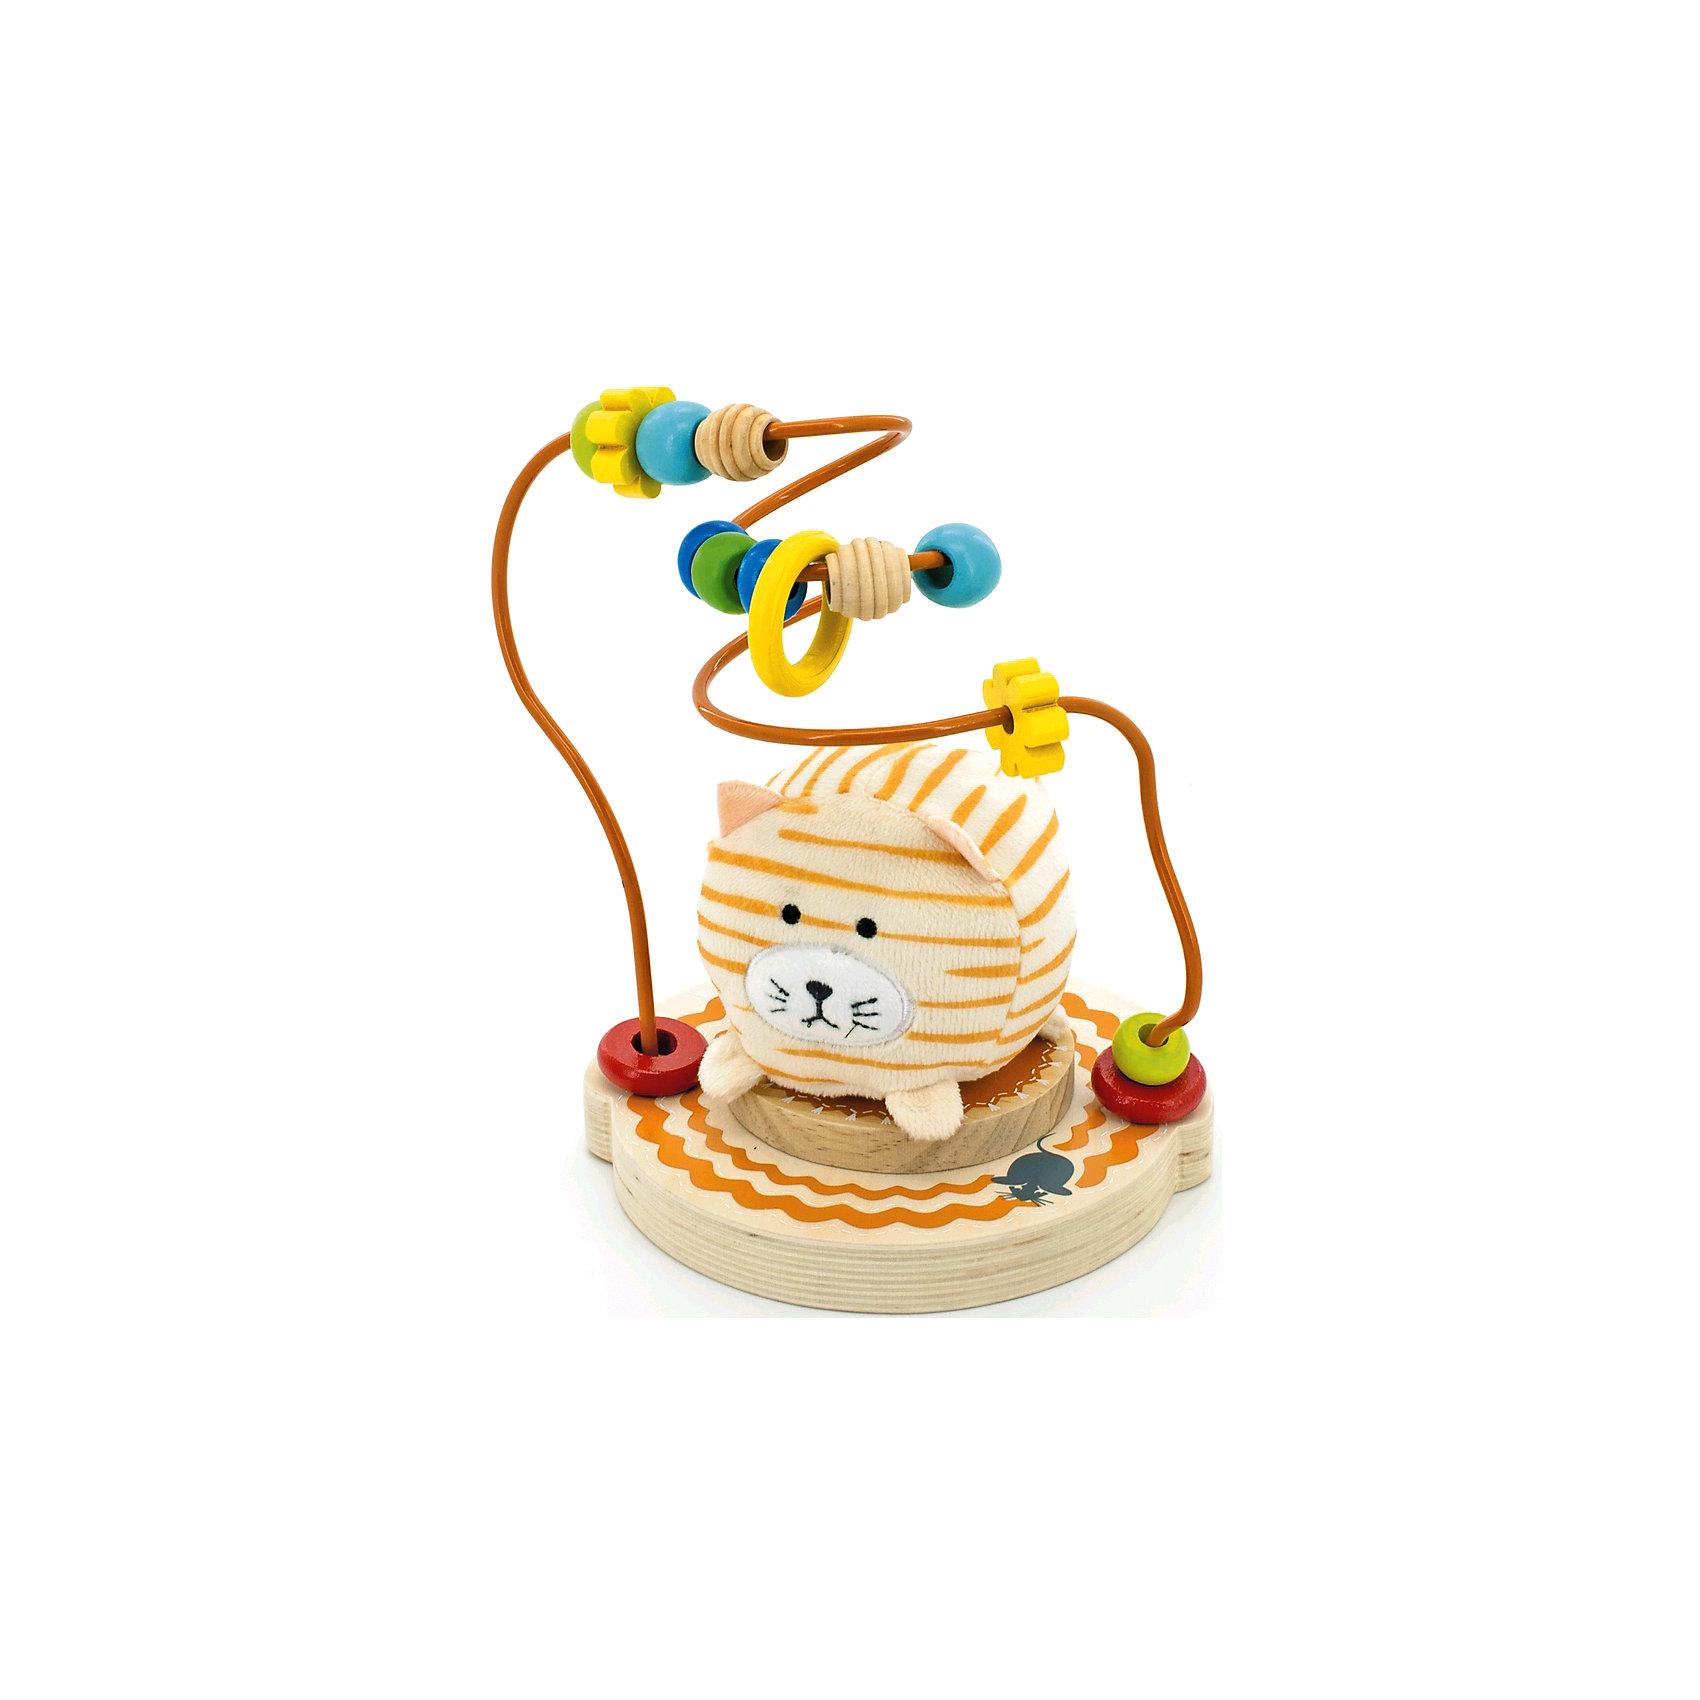 МДИ Лабиринт Мурлыка, МДИ мир деревянных игрушек мди лабиринт мурлыка